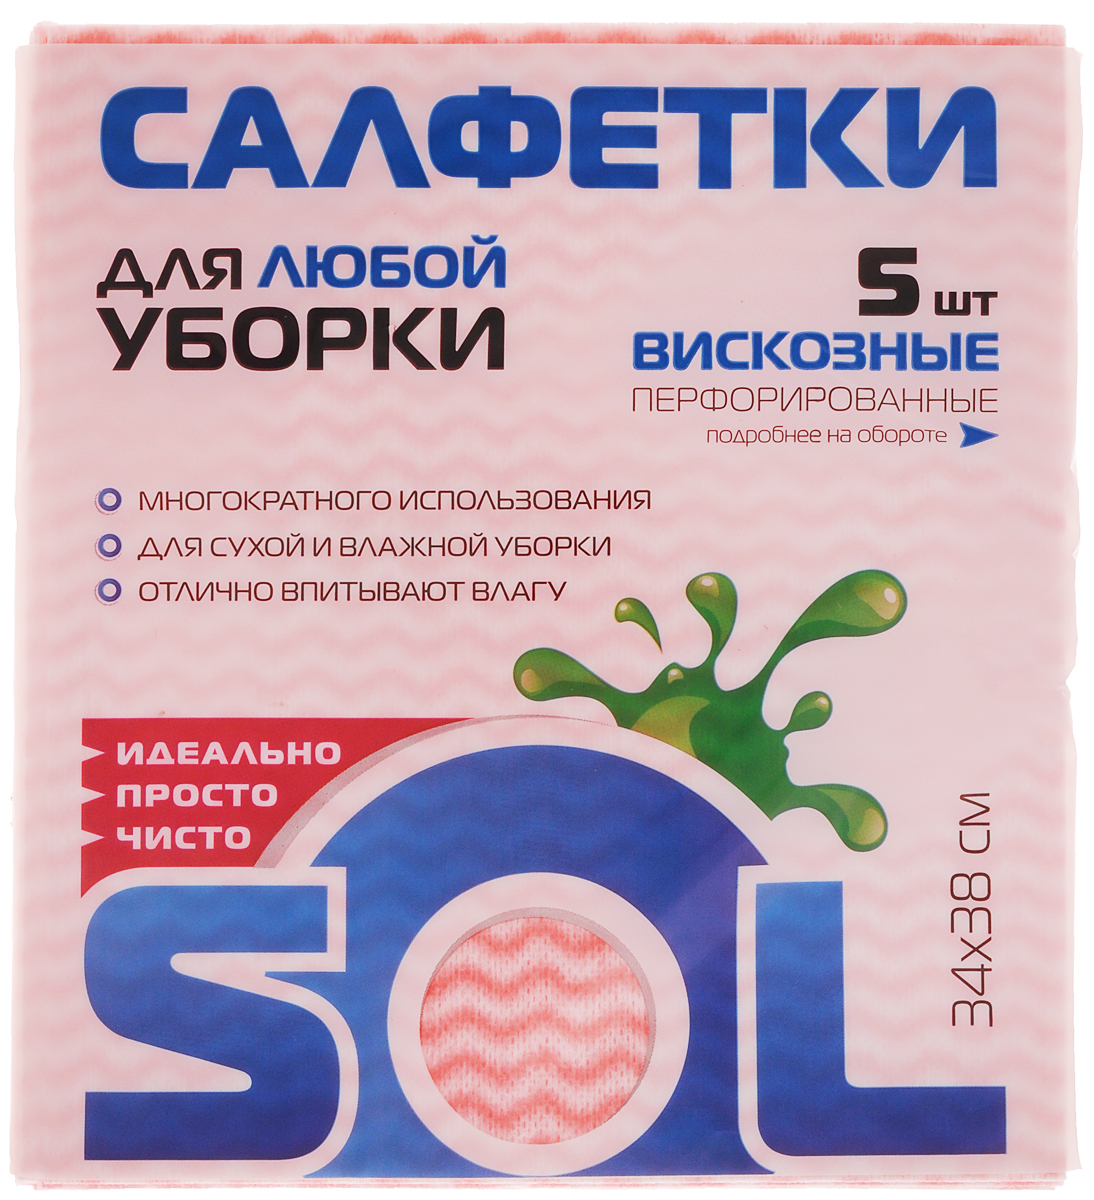 Салфетка для уборки Sol из вискозы, перфорированная, цвет: белый, розовый, 34 x 38 см, 5 шт6.295-875.0Перфорированные салфетки для уборки Sol, выполненные из вискозы, предназначены для уборки и могут применяться с различными моющими средствами. Эффективно впитывают жидкость. Мягкие и прочные, легко отжимаются и быстро сохнут.Рекомендации по уходу: Для обеспечения гигиеничности уборки после применения прополоскать в теплой воде.Для продления срока службы не применять машинную стирку, не гладить и не кипятить.